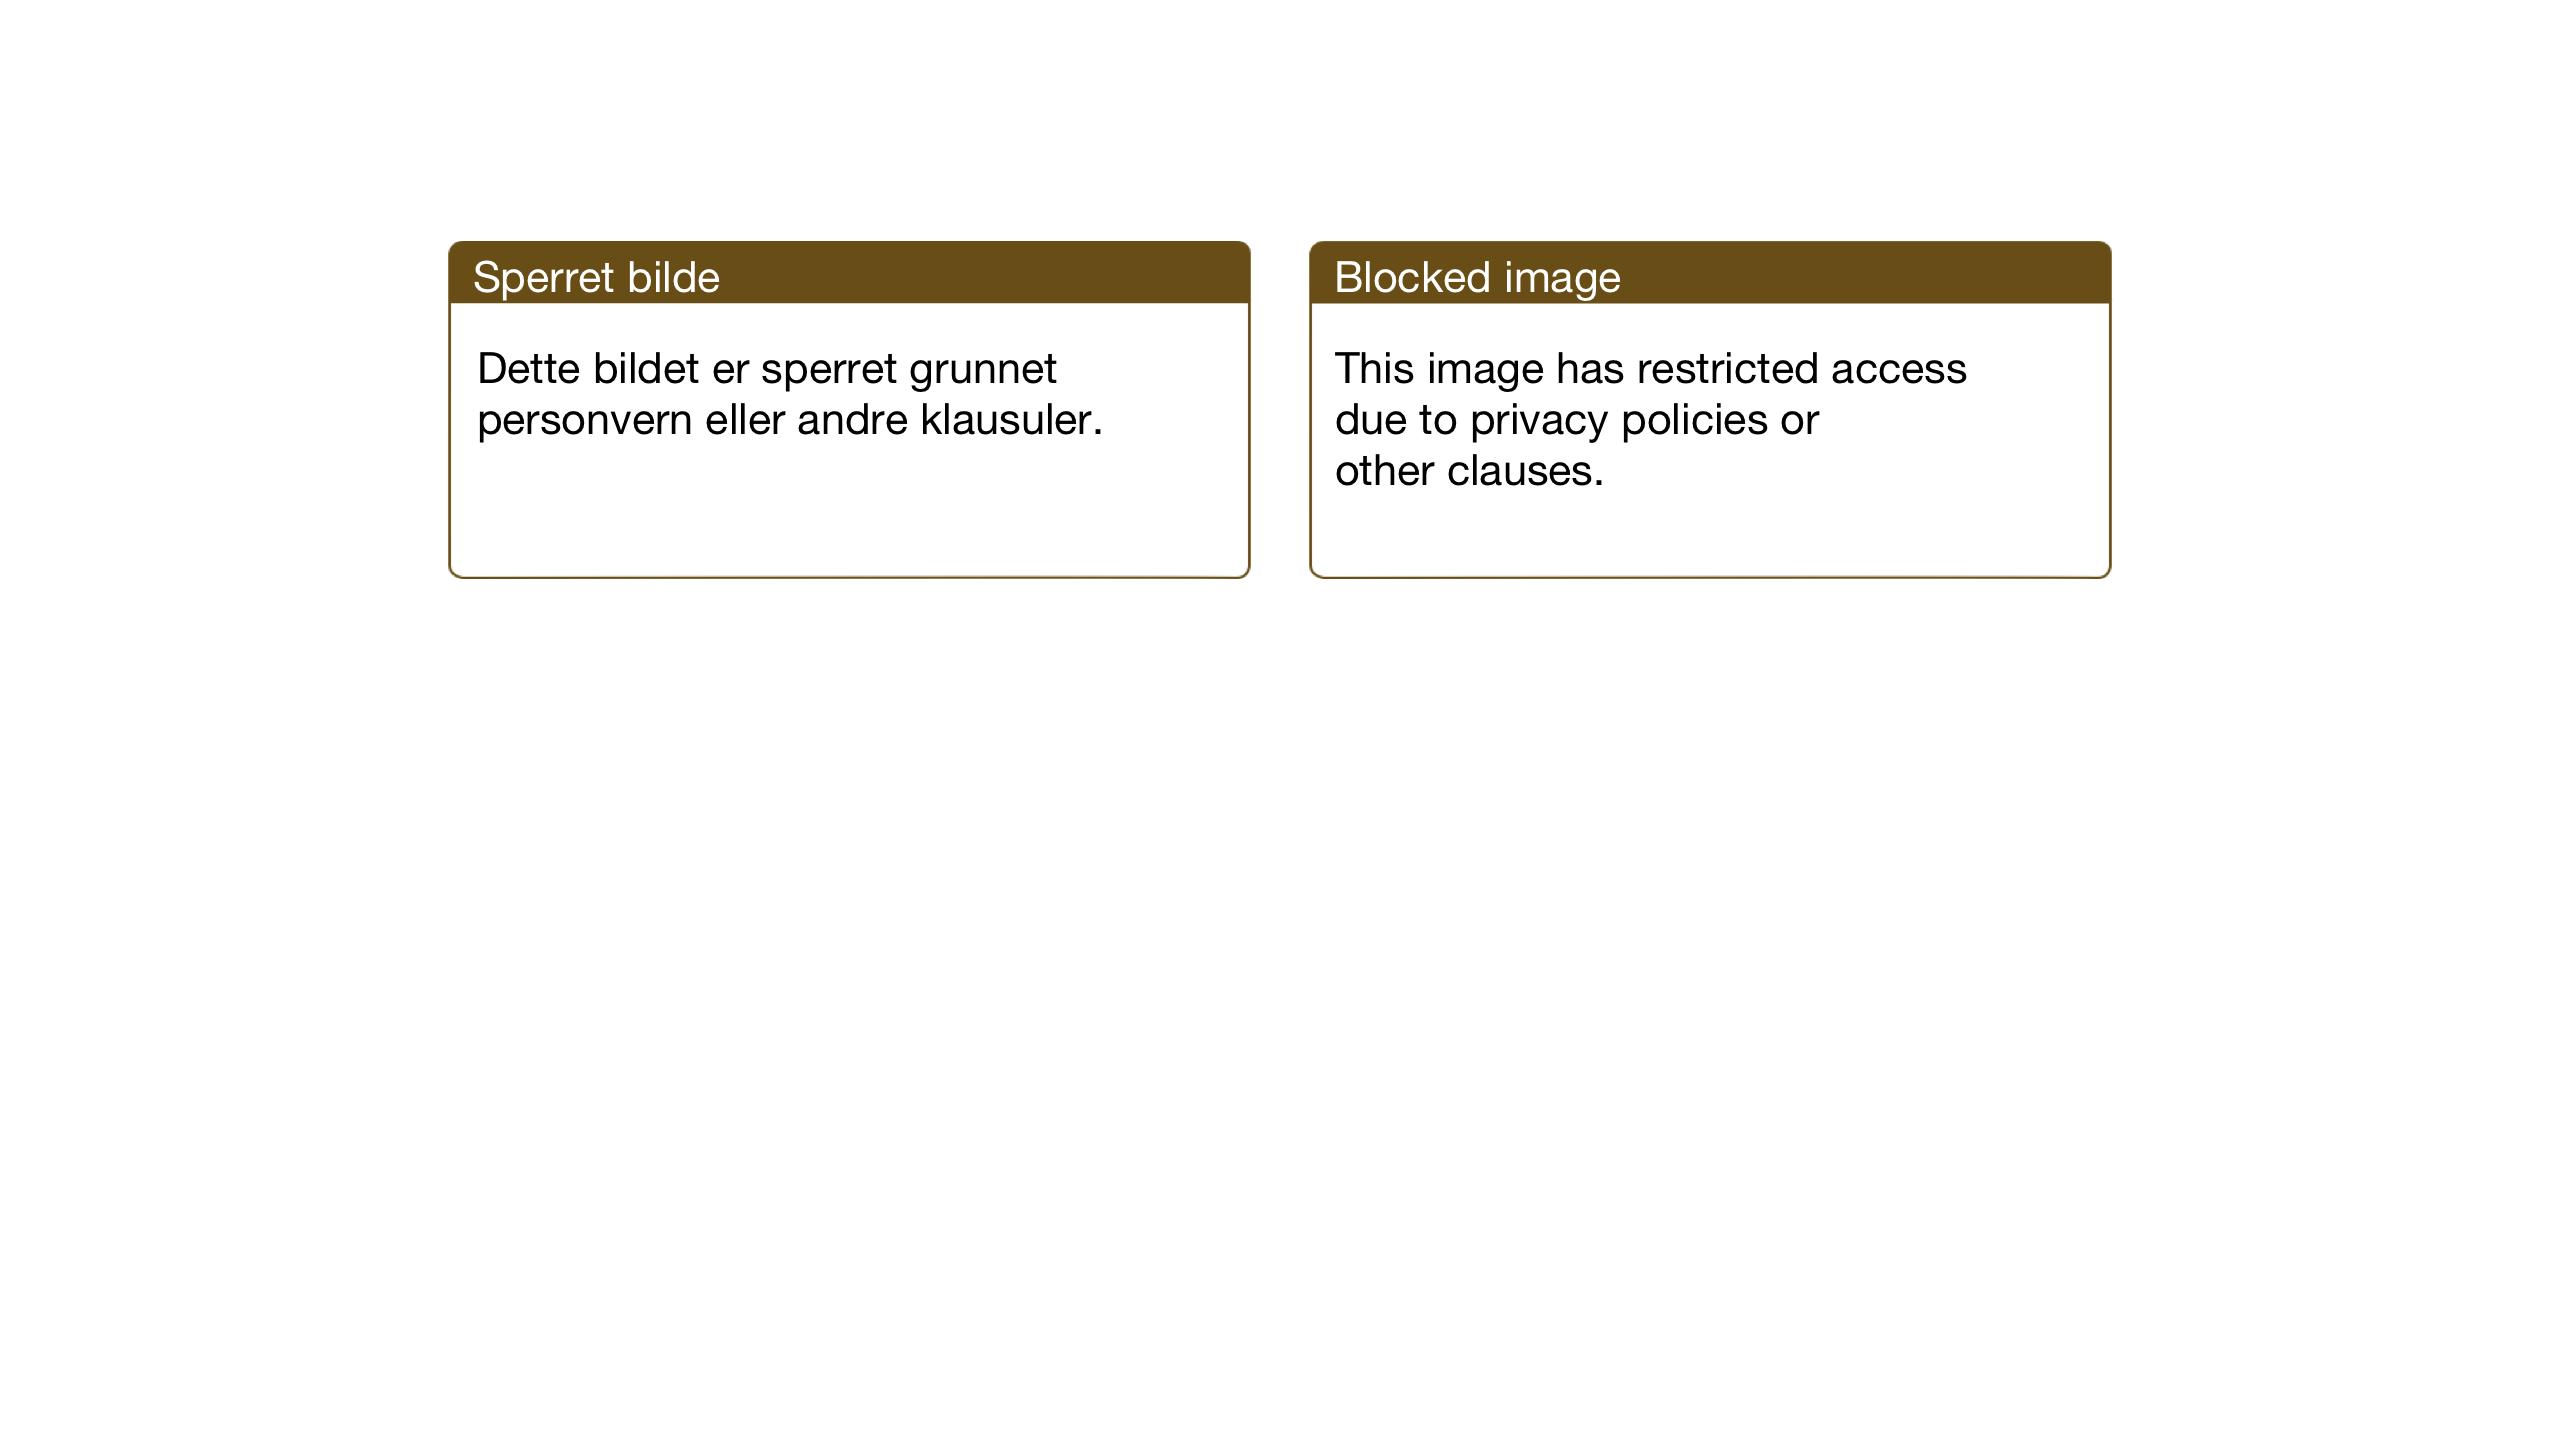 SAT, Ministerialprotokoller, klokkerbøker og fødselsregistre - Nord-Trøndelag, 773/L0625: Klokkerbok nr. 773C01, 1910-1952, s. 86